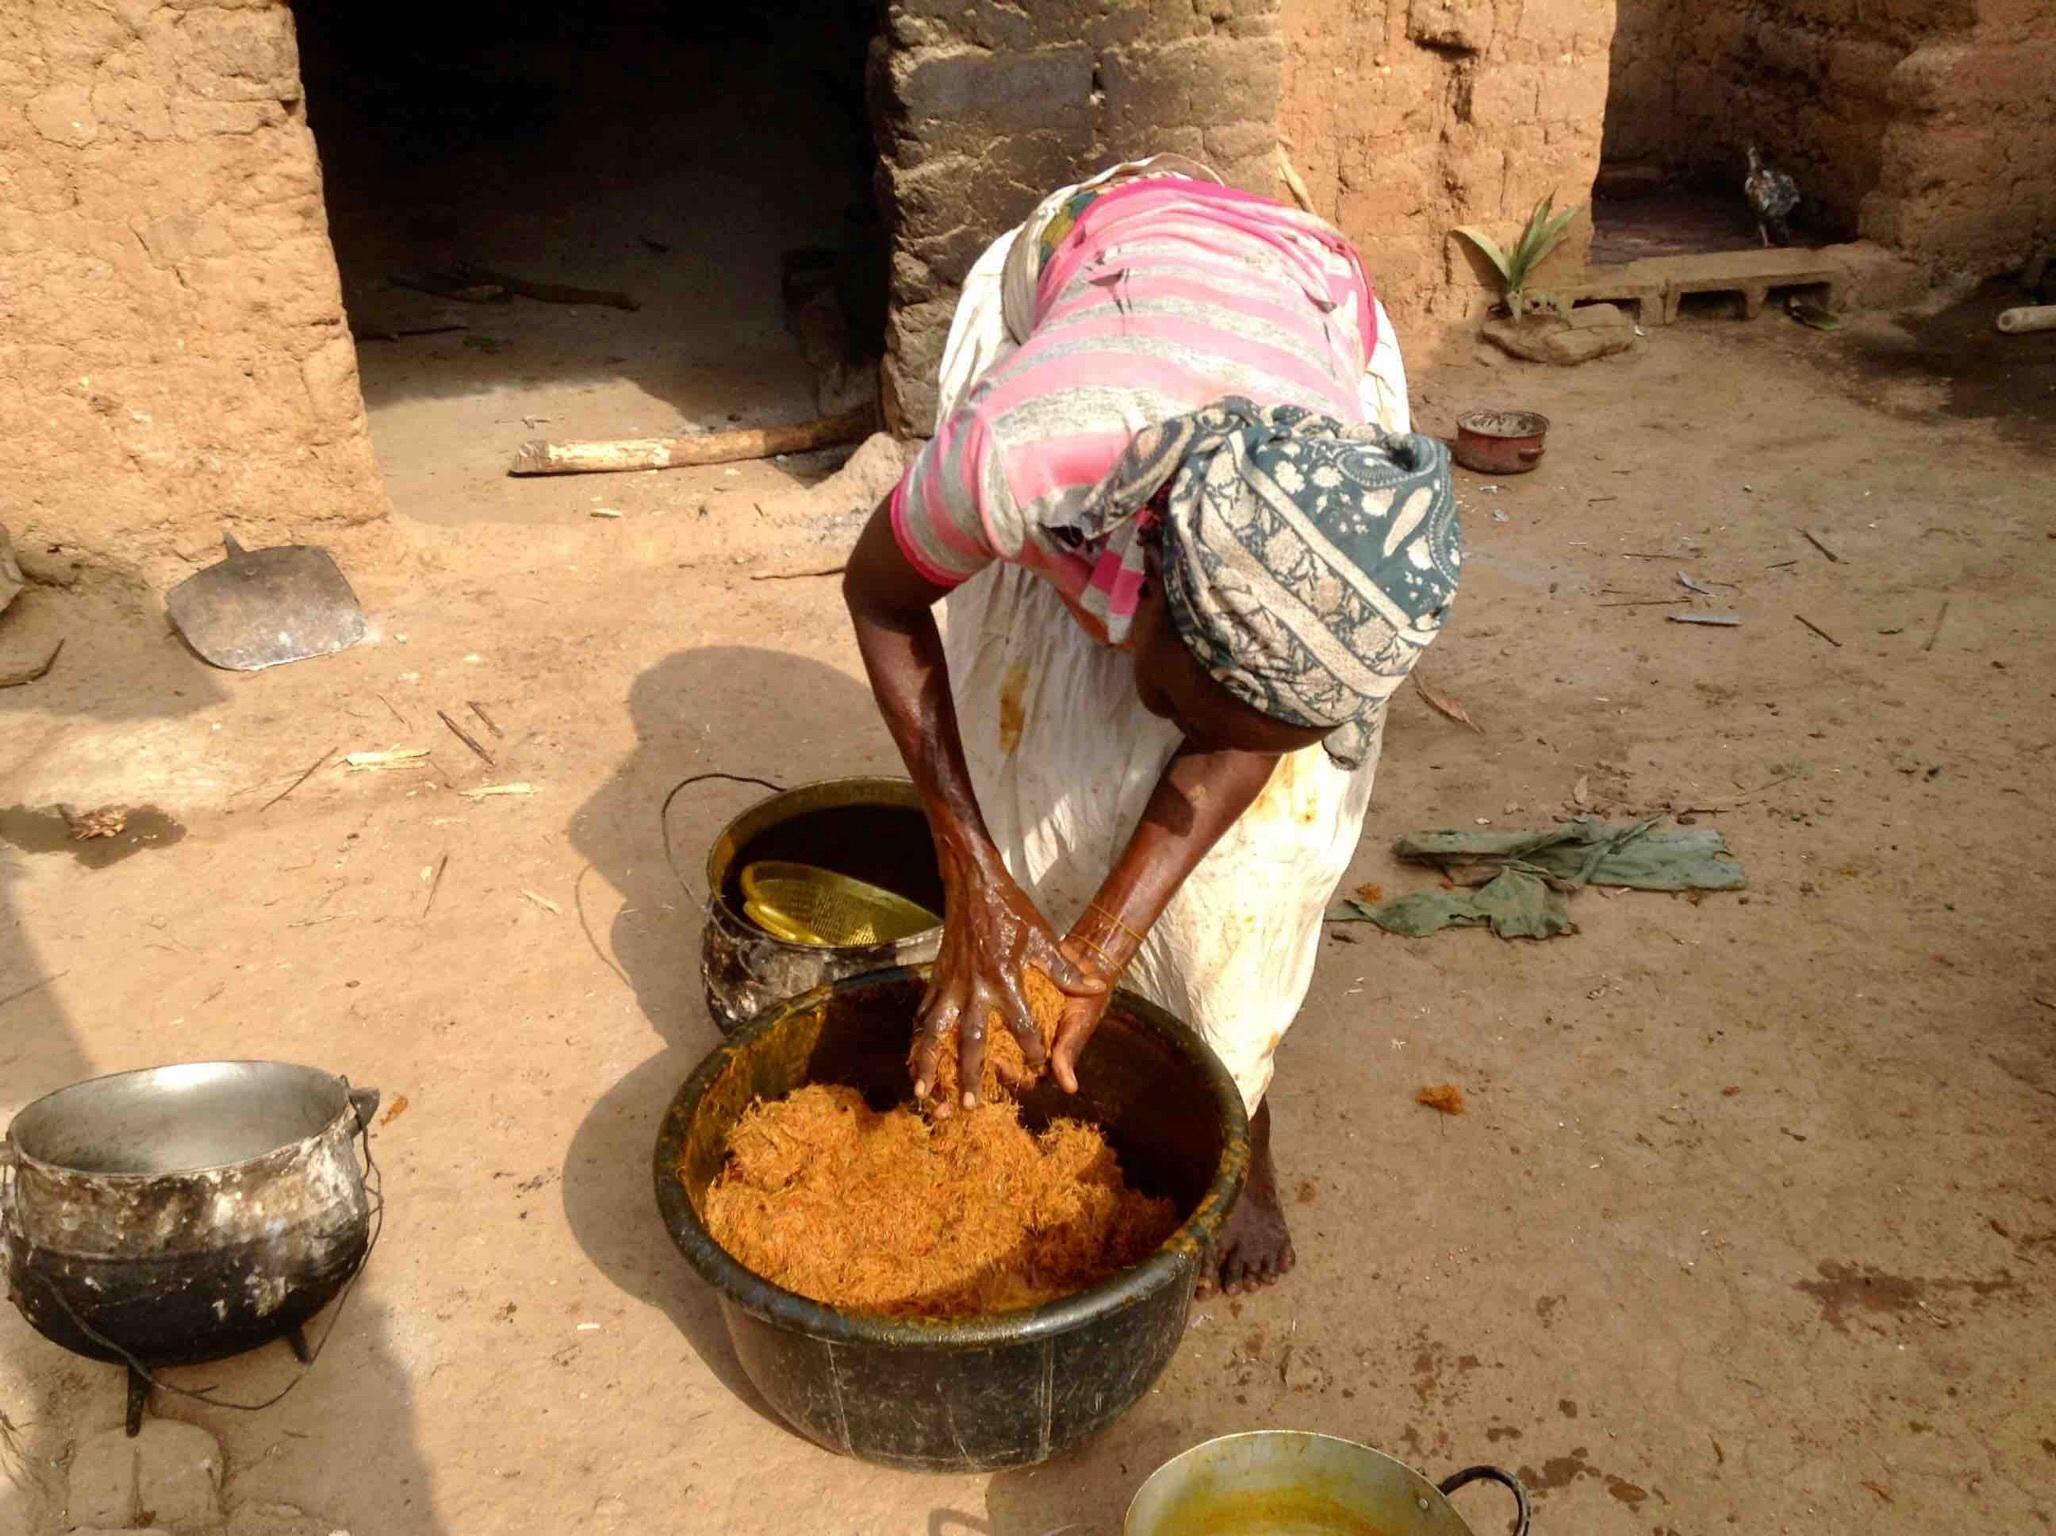 Eggon woman making palm oil in Langa Langa Village, Nasarawa State, Nigeria. #JujuFilms